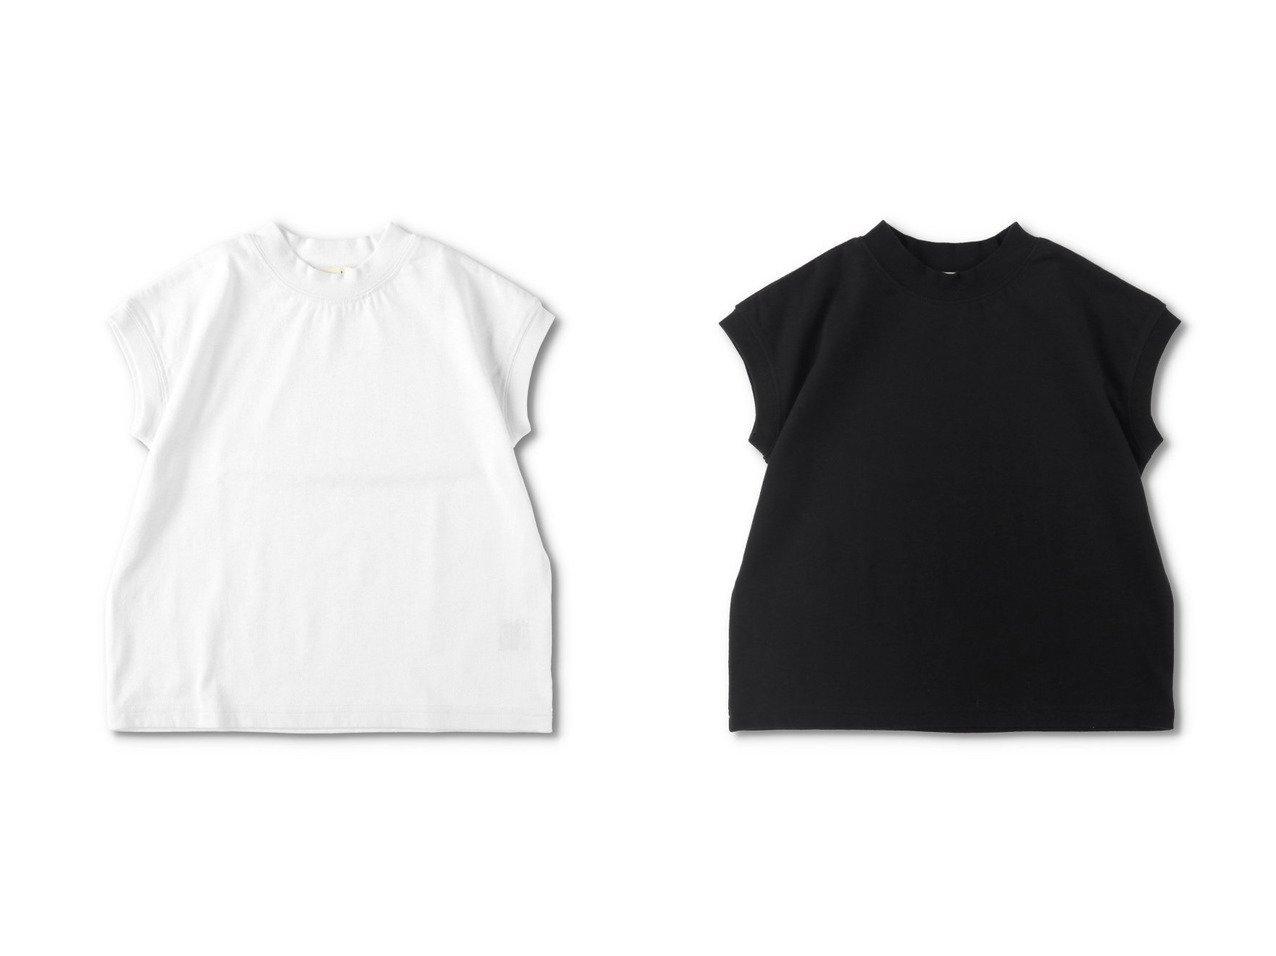 【branshes / KIDS/ブランシェス】のフレンチスリーブTシャツ 【KIDS】子供服のおすすめ!人気トレンド・キッズファッションの通販  おすすめで人気の流行・トレンド、ファッションの通販商品 メンズファッション・キッズファッション・インテリア・家具・レディースファッション・服の通販 founy(ファニー) https://founy.com/ ファッション Fashion キッズファッション KIDS トップス・カットソー Tops/Tees/Kids インナー カットソー シンプル スリーブ フレンチ ロング |ID:crp329100000034866